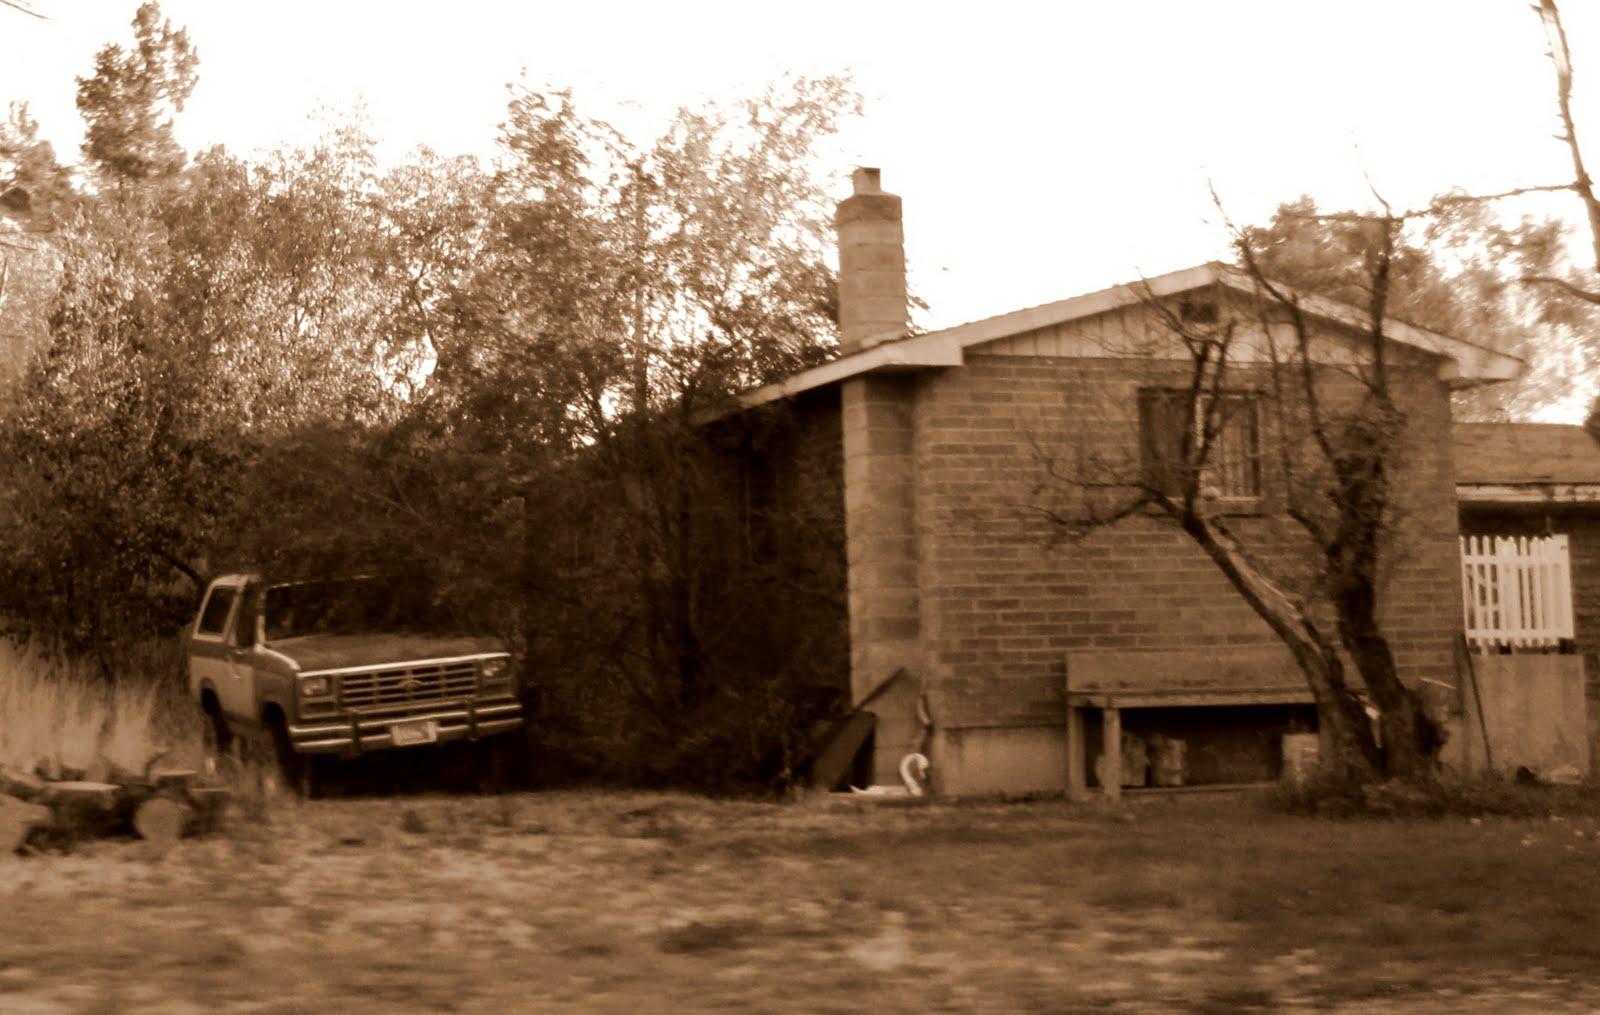 Ranch in Nevada, 1989 Chevrolet Malibu